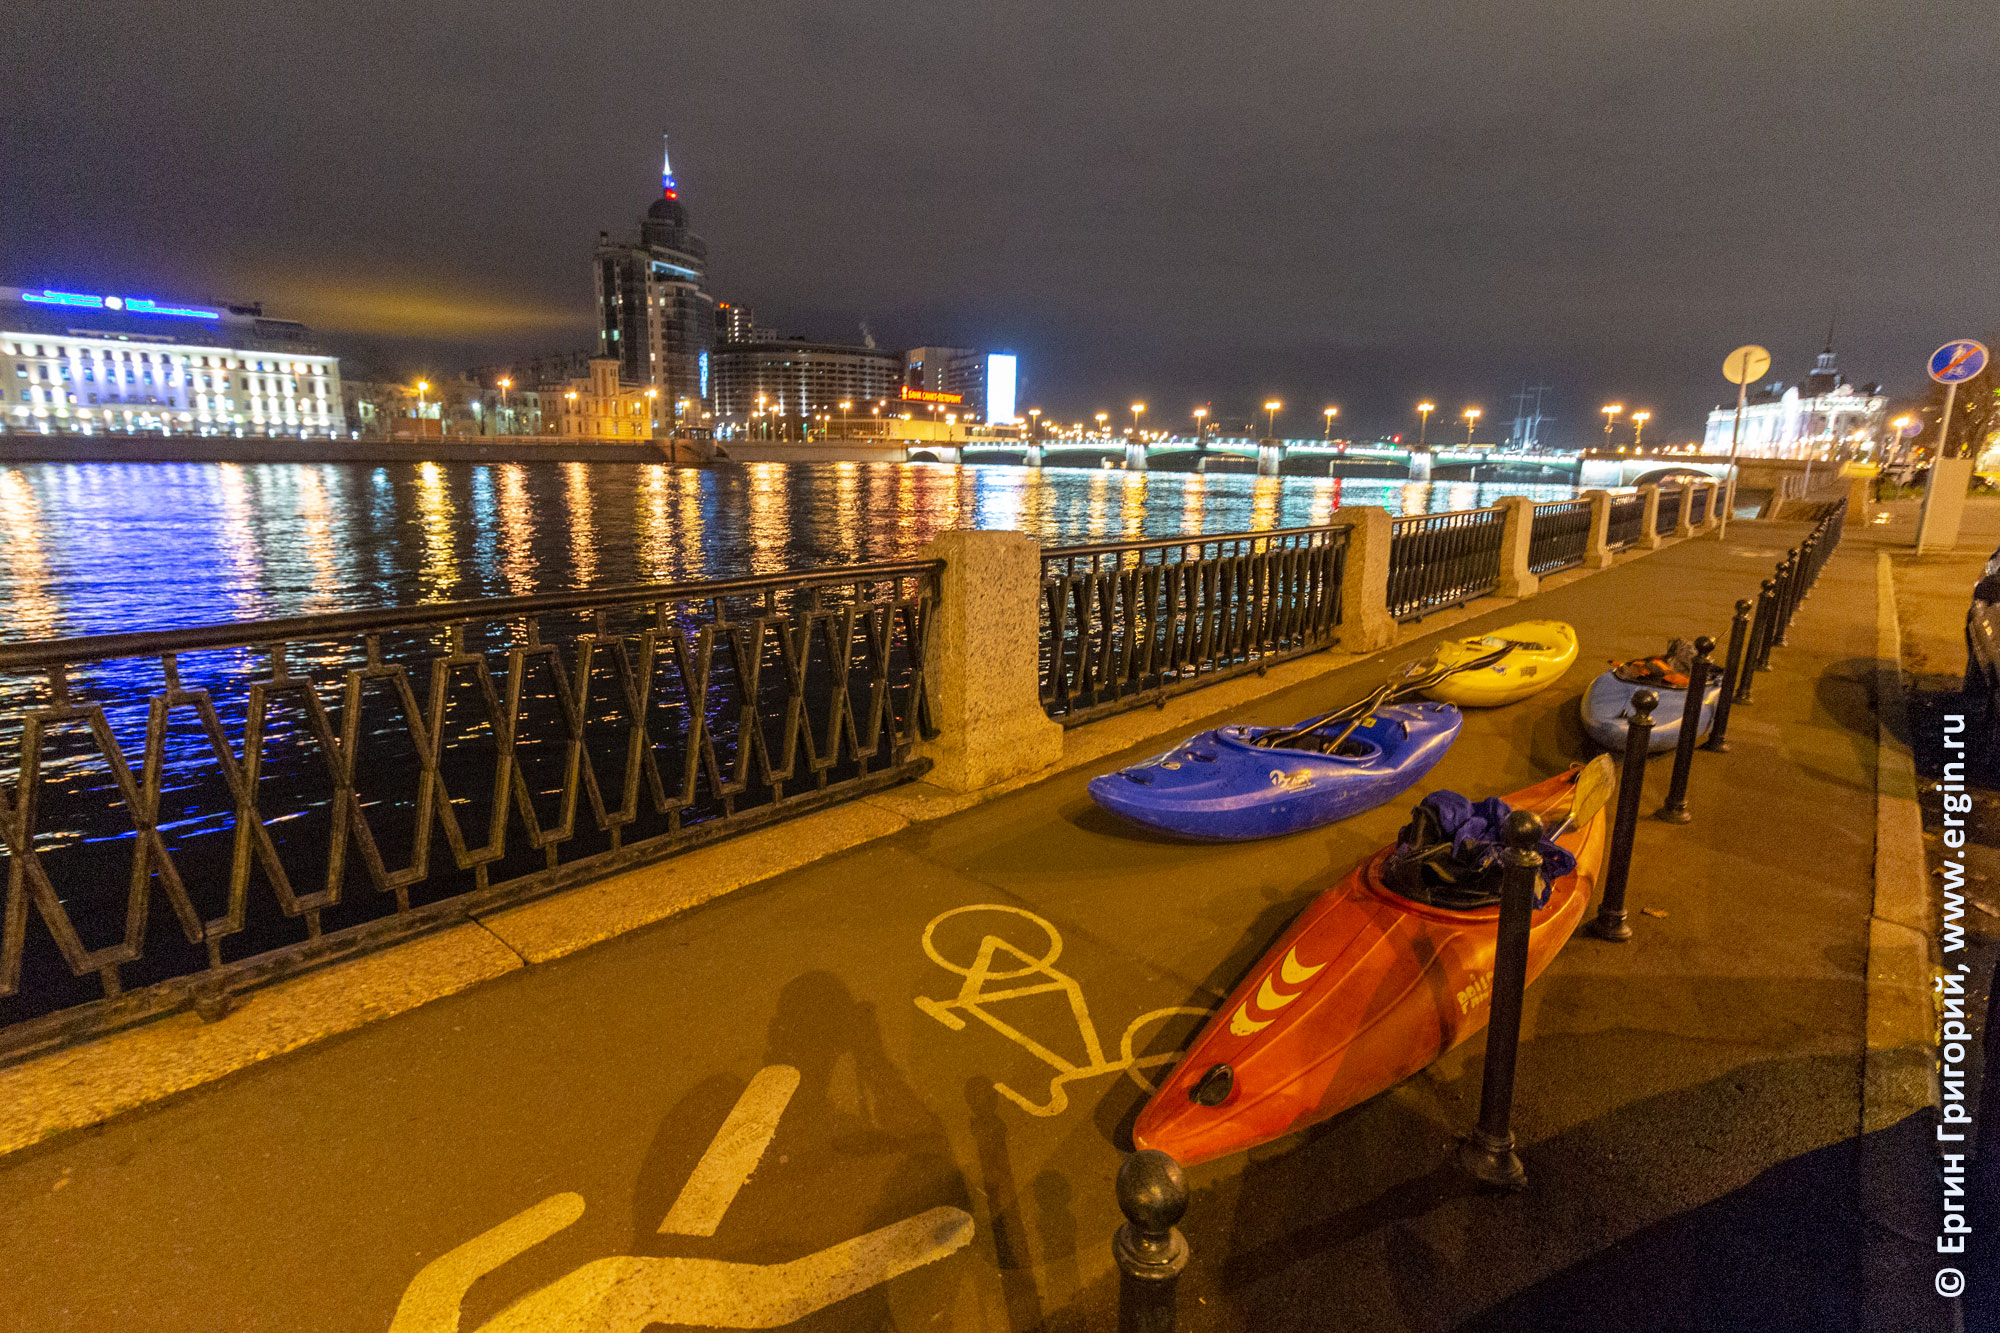 Ночь в Санкт-Петербурге и каяки на набережной Невки